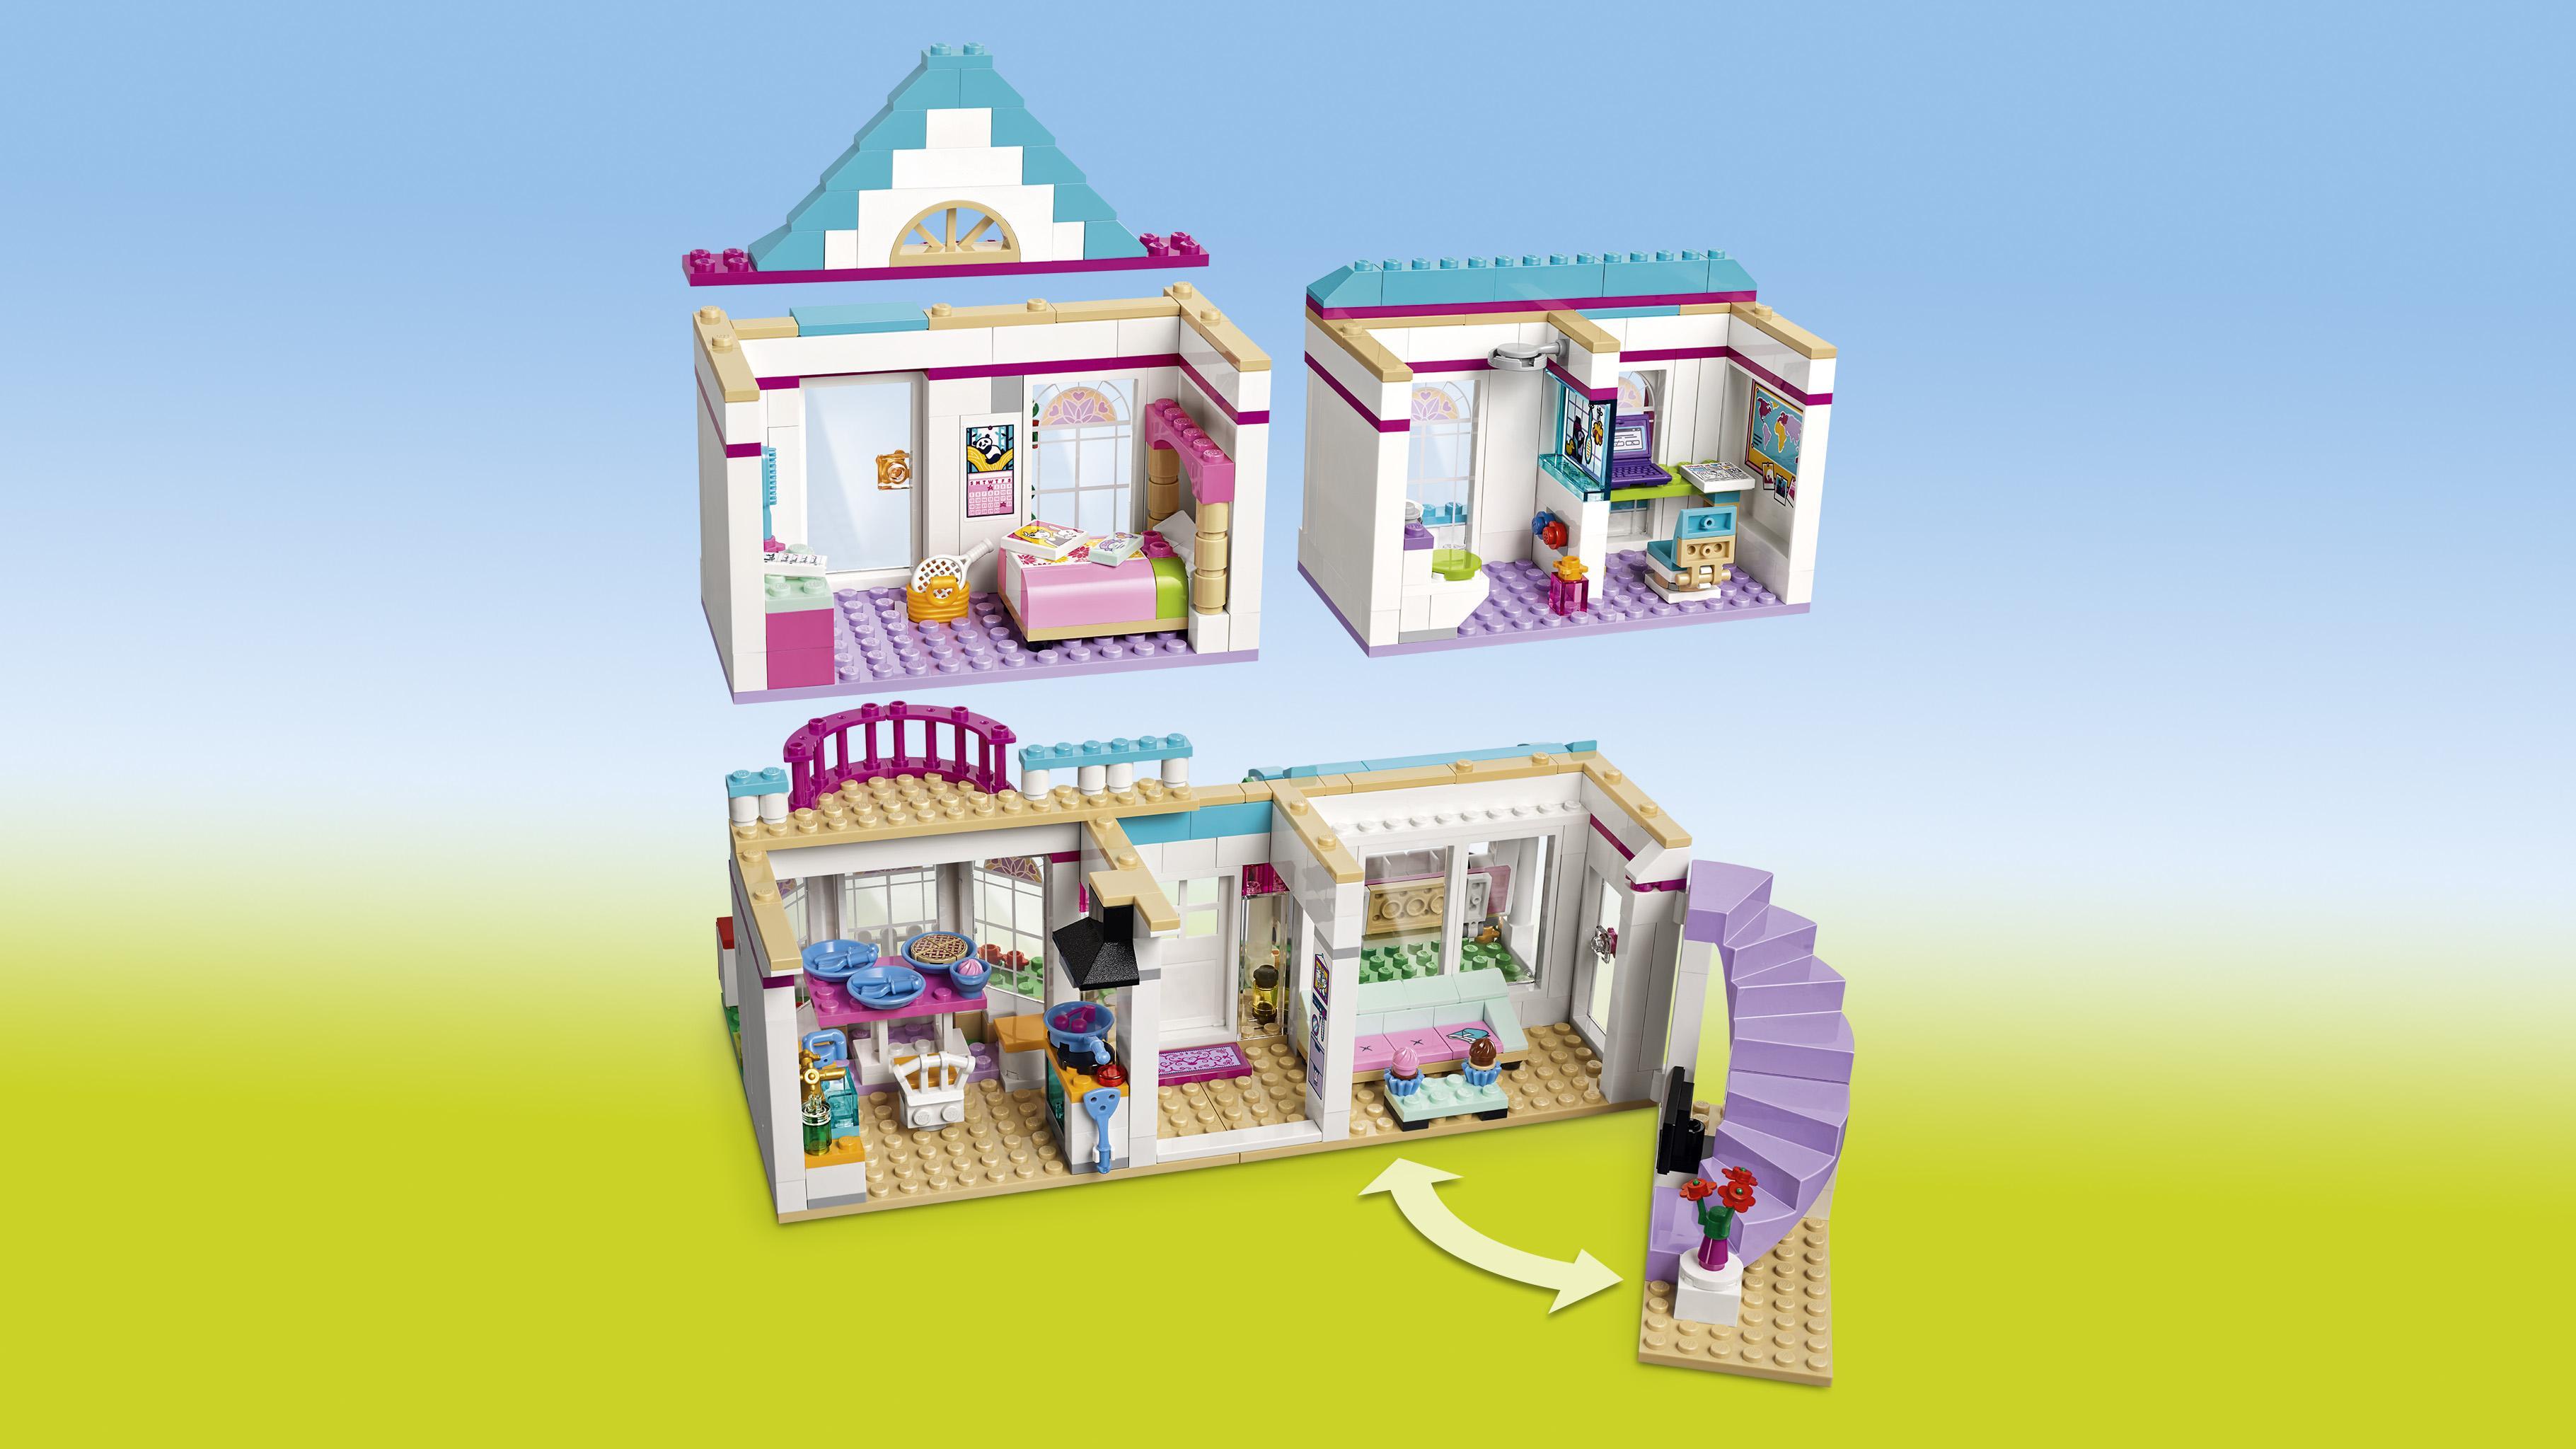 LEGO Friends 41314 - Stephanies Haus,: Amazon.de: Spielzeug